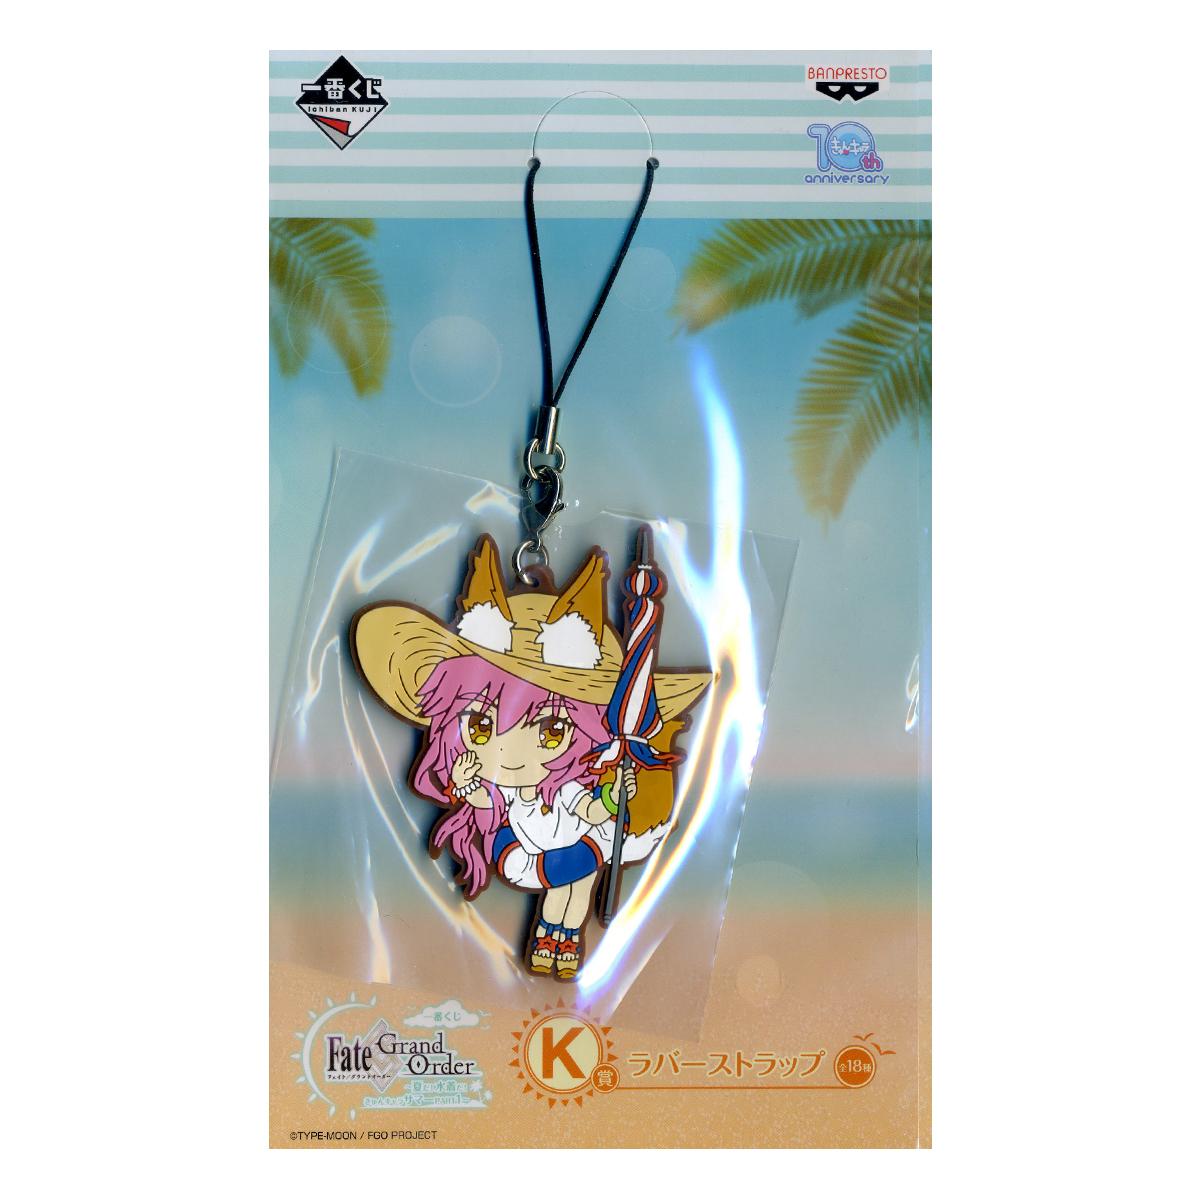 Tamamo no Mae, Caster Strap Keychain Fate Grand Order K Award Kyun Chara Summer PART 1  Ichiban kuji Lottery Banpresto